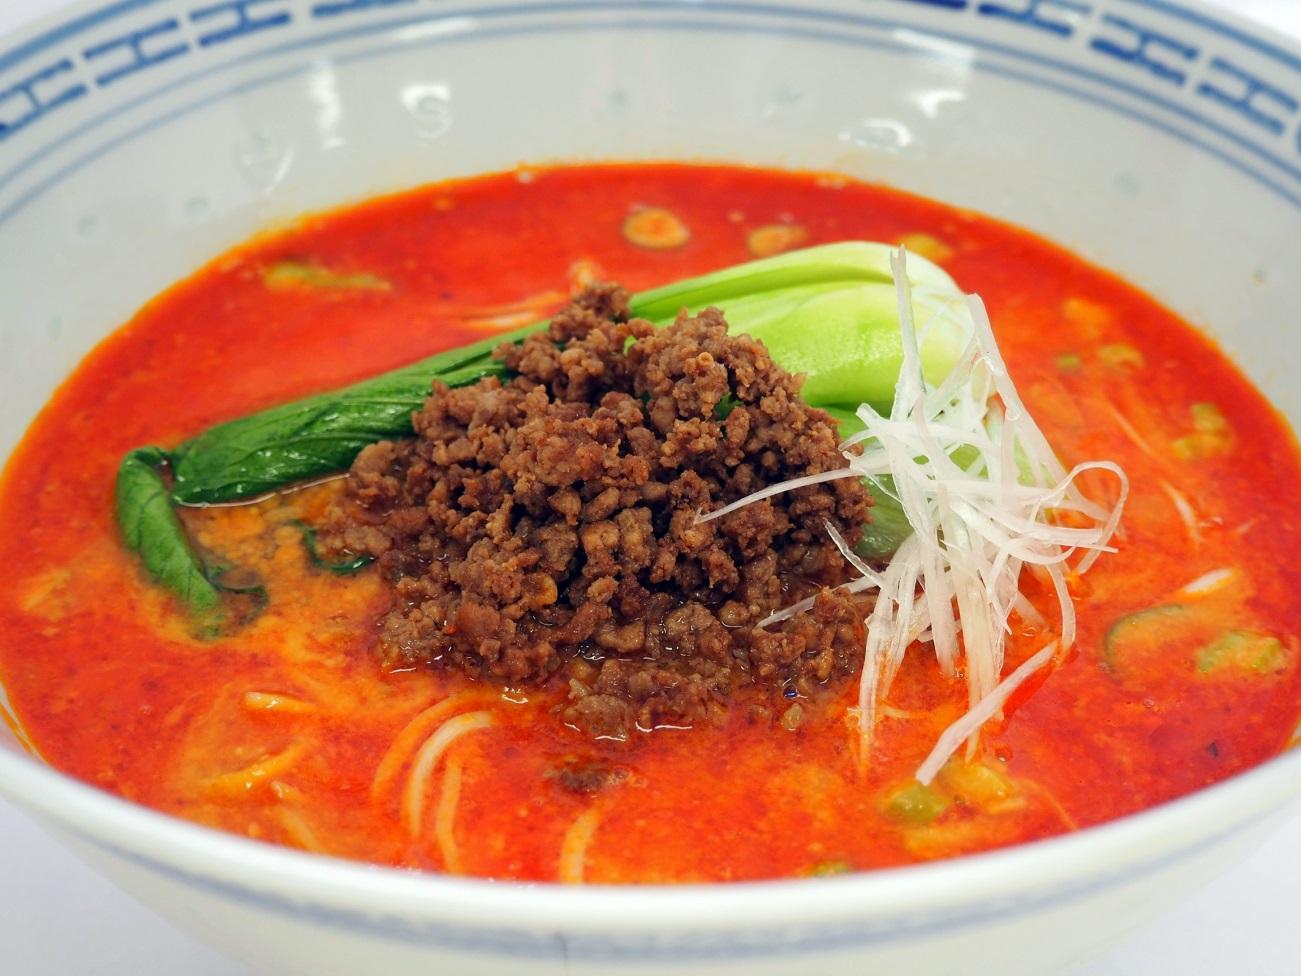 常石ハーバーホテル・リニューアルオープン! 担々麵をはじめとする東京青山の中華の名店「青山日比谷園」の味が登場!